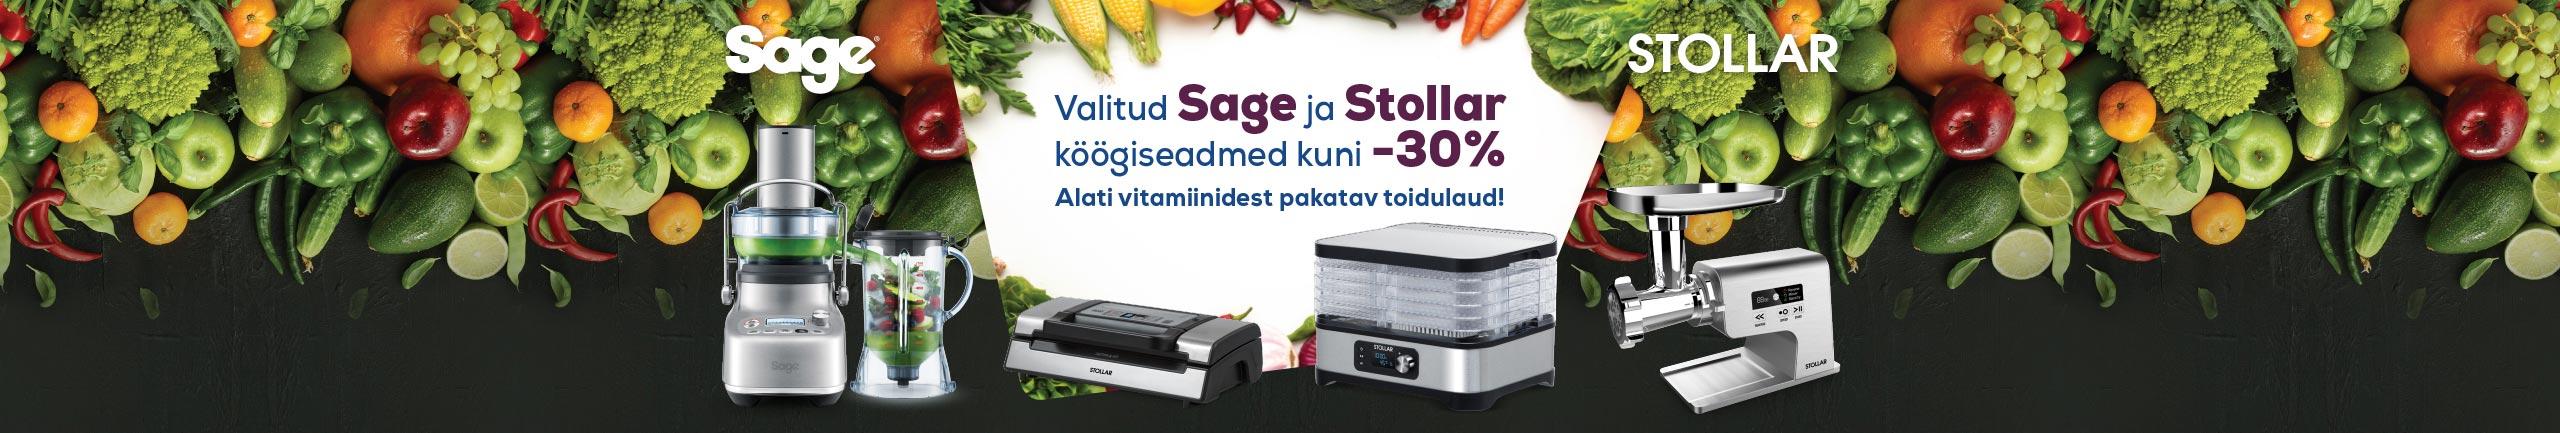 Valitud Sage ja Stollar köögiseadmed kuni -30%